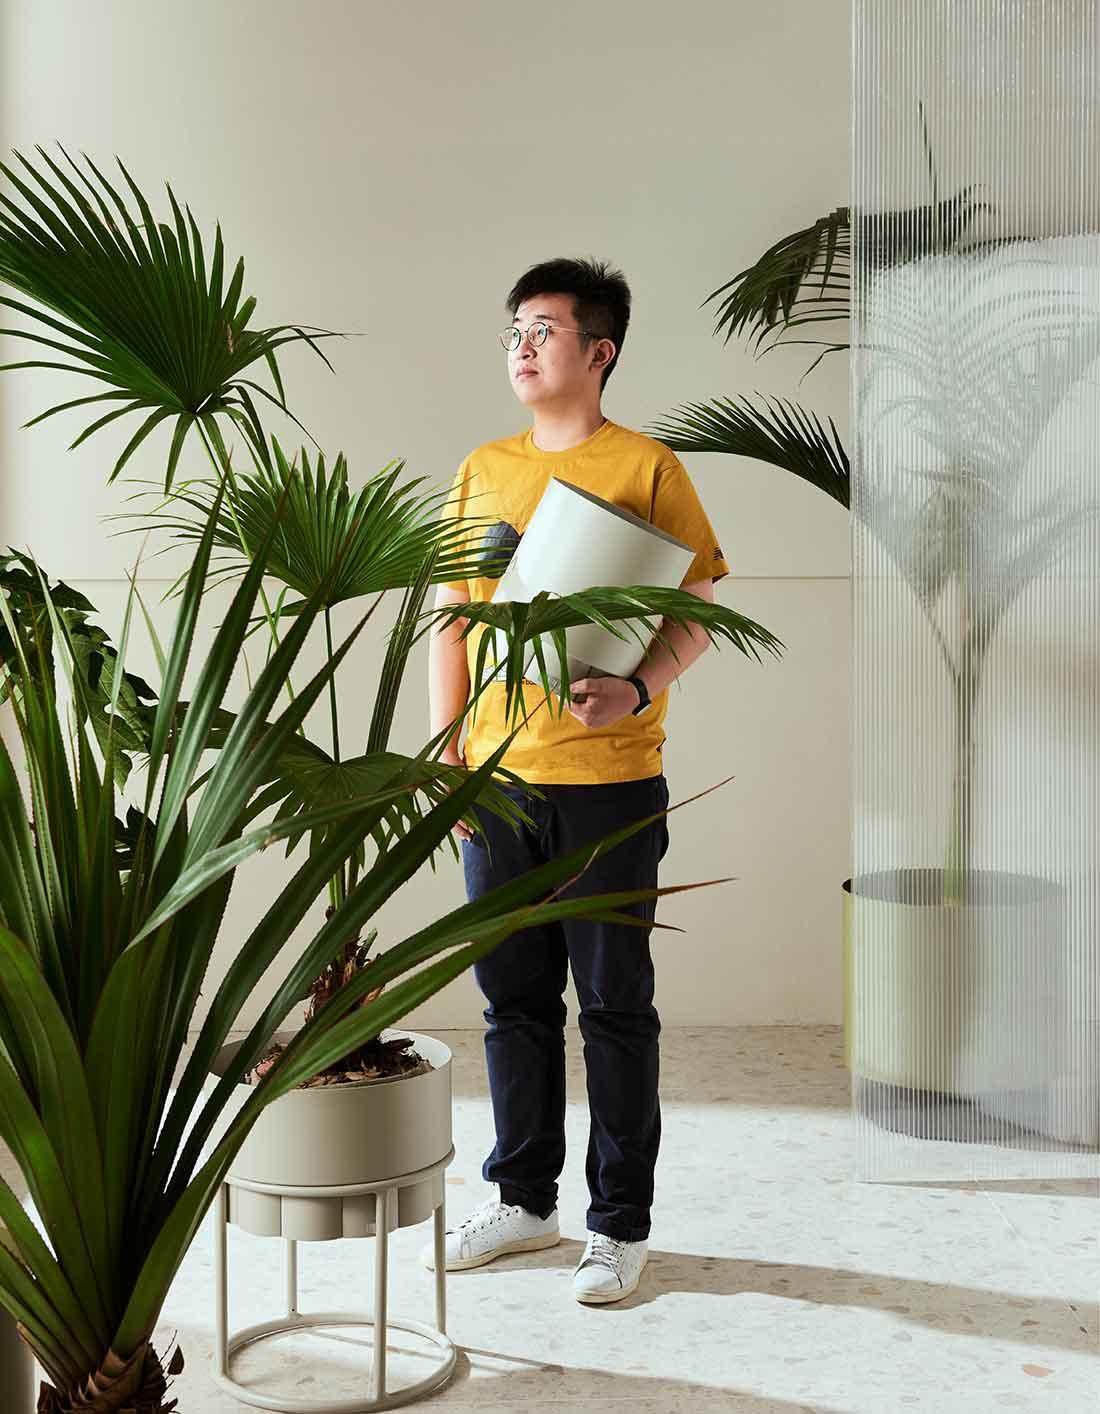 Kundesign, Design Shanghai 2021